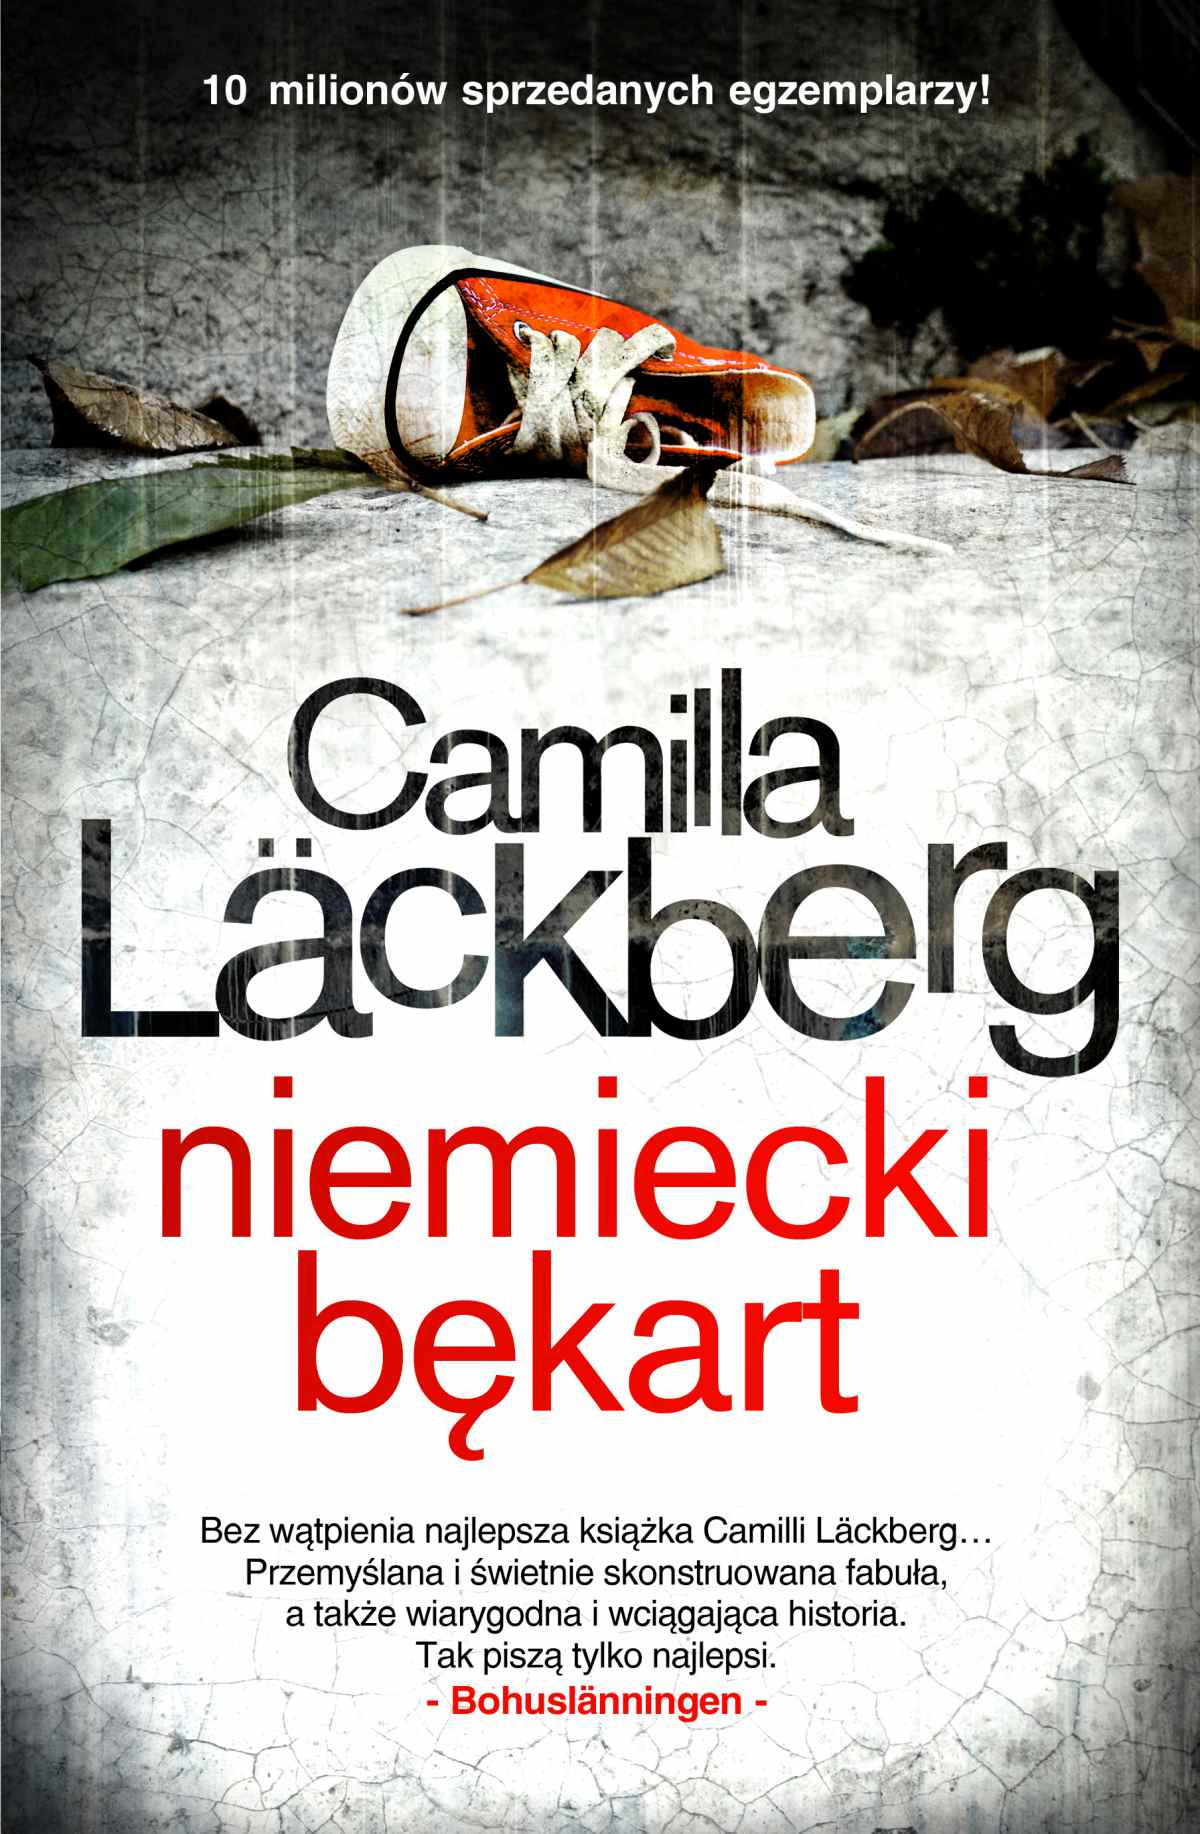 Niemiecki bękart. Wydanie 2 - Ebook (Książka na Kindle) do pobrania w formacie MOBI